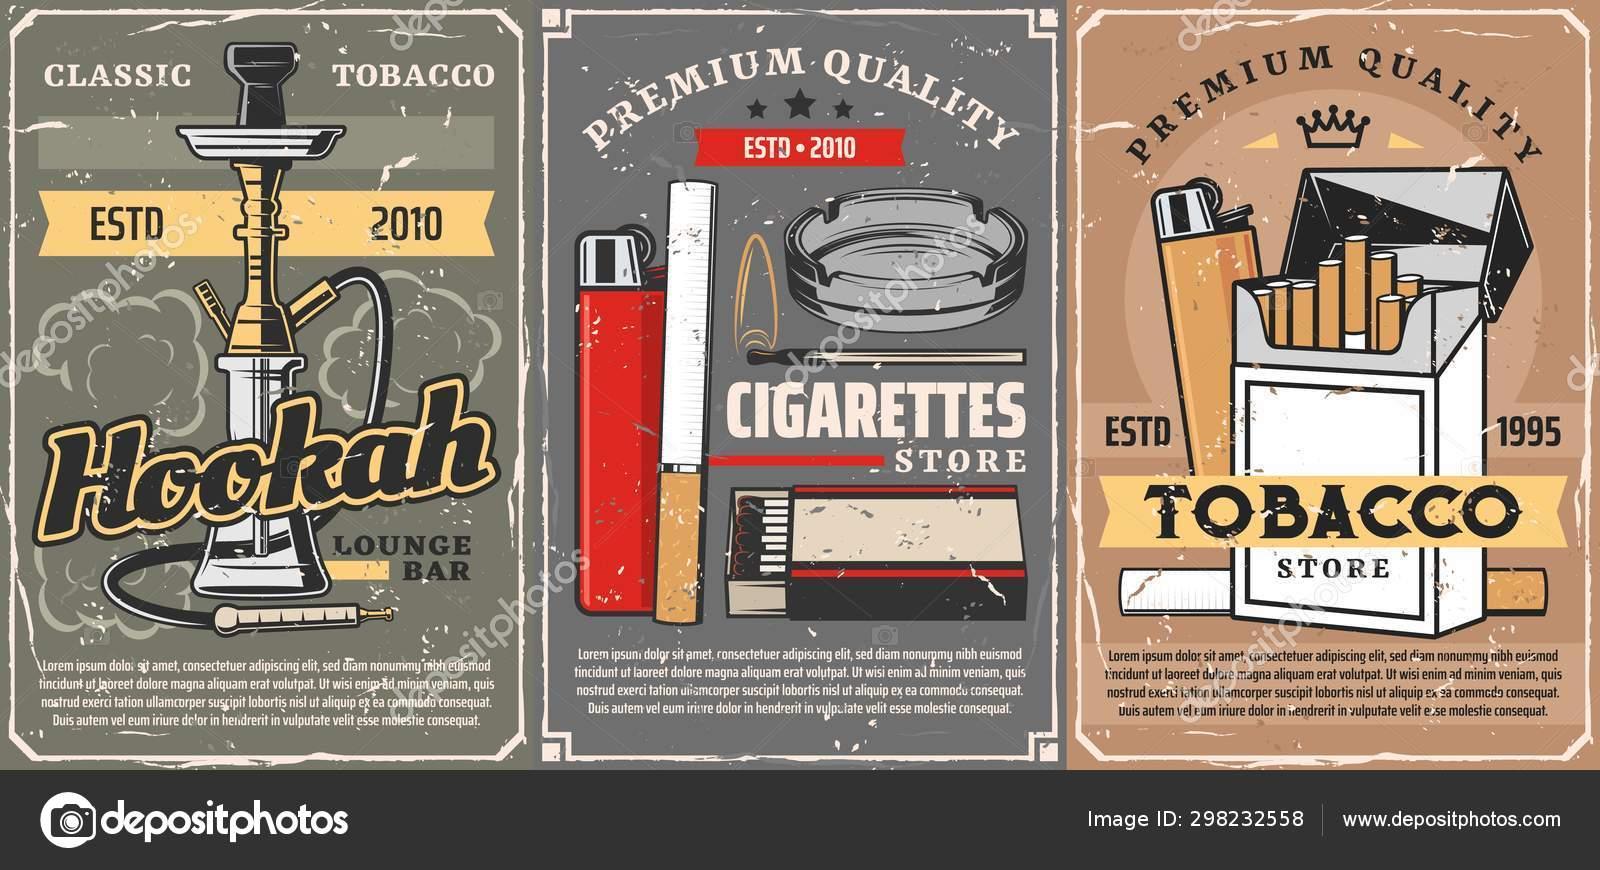 Premium quality tobacco, cigarettes store — Stock Vector © Seamartini  #298232558